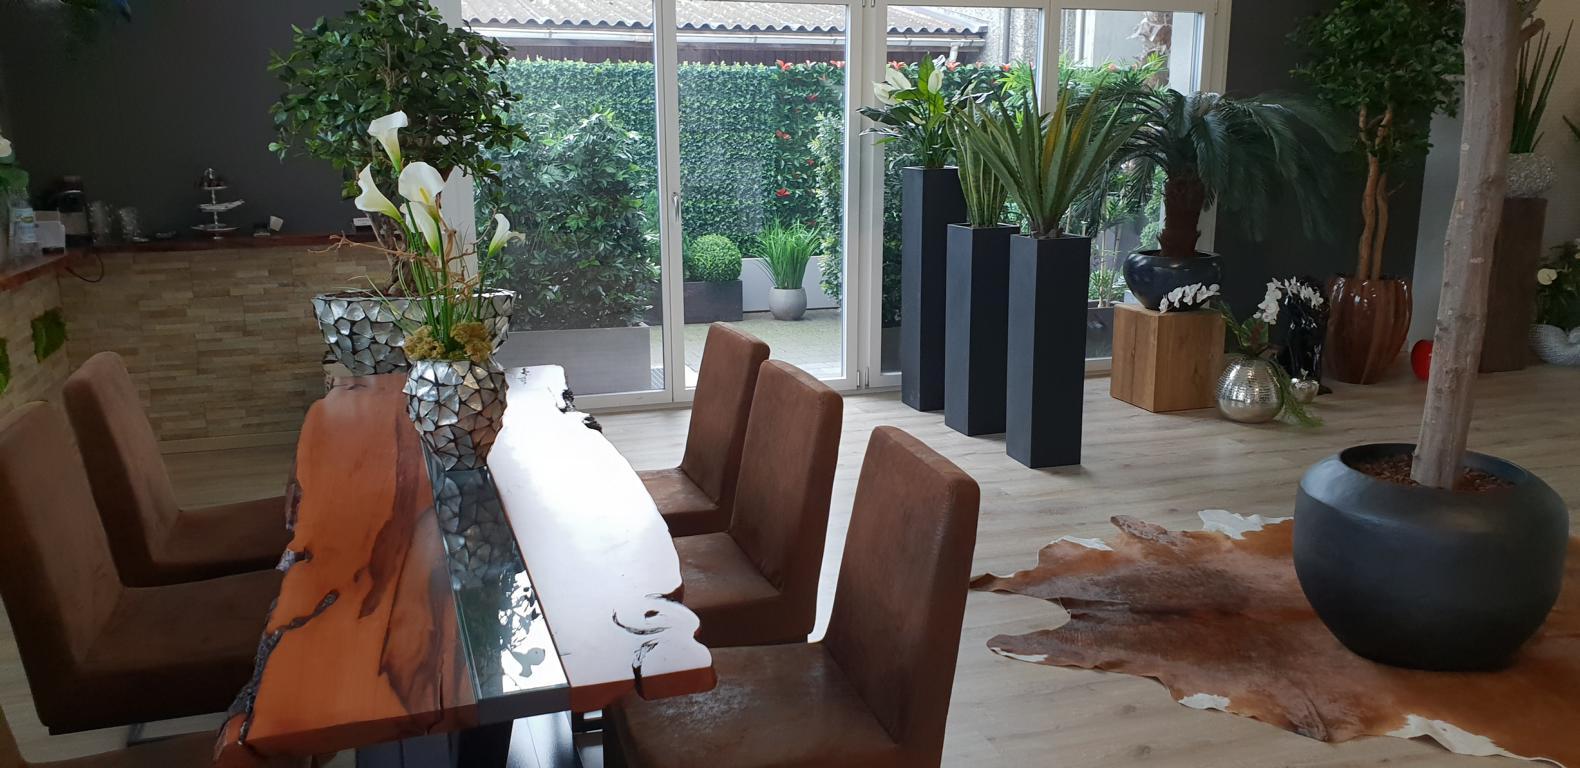 Ausstellung von Dekohaus mit grosser Auswahl an hochwertigen Kunstpflanzen